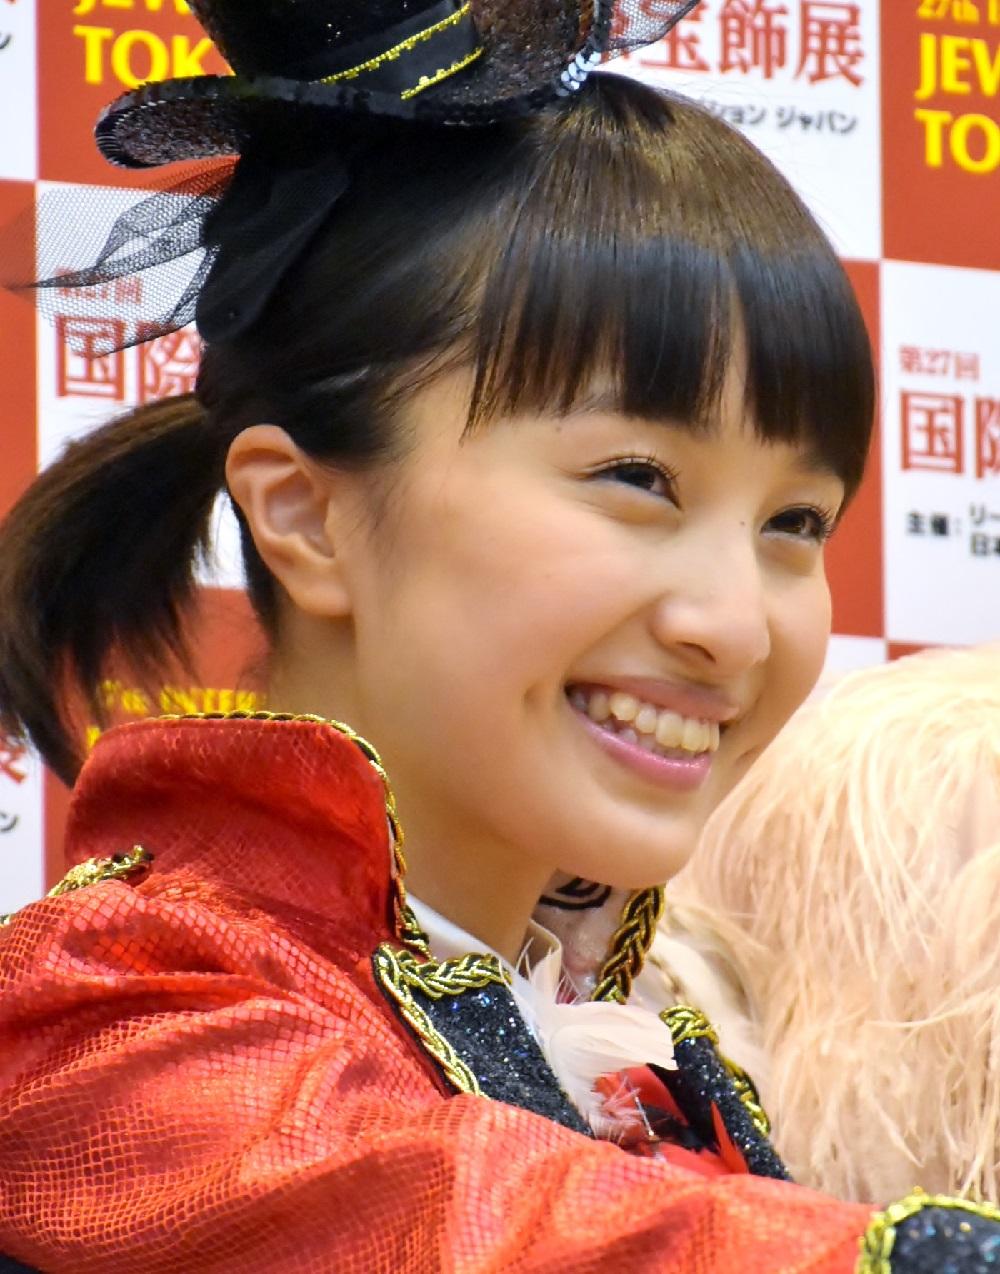 えくぼと八重歯がチャームポイントの百田夏菜子